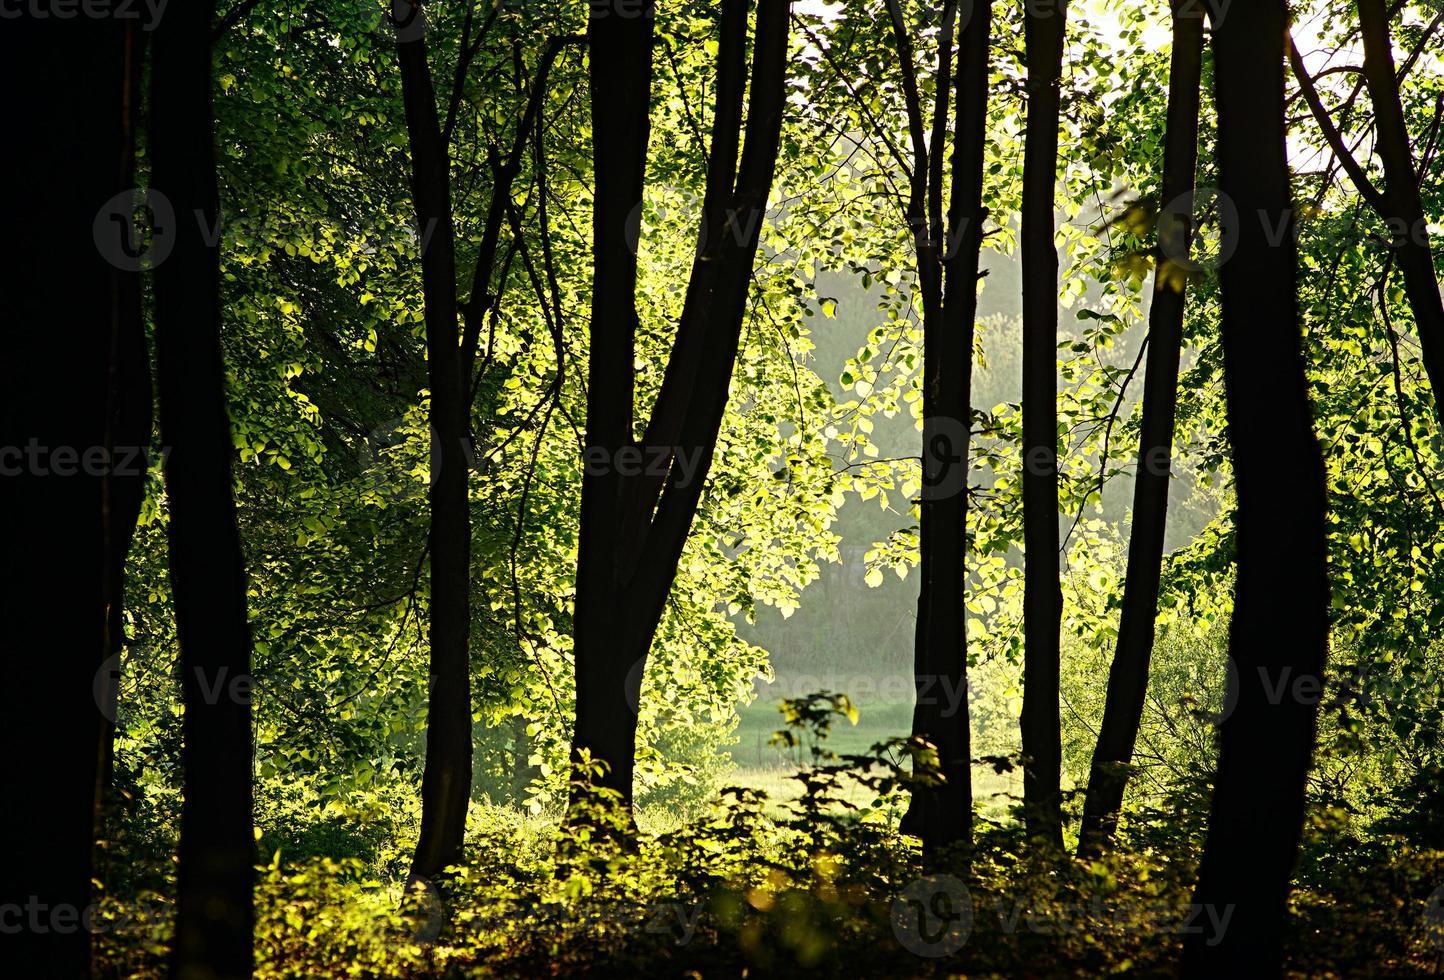 zonlicht filtert door de bomen in het bos foto